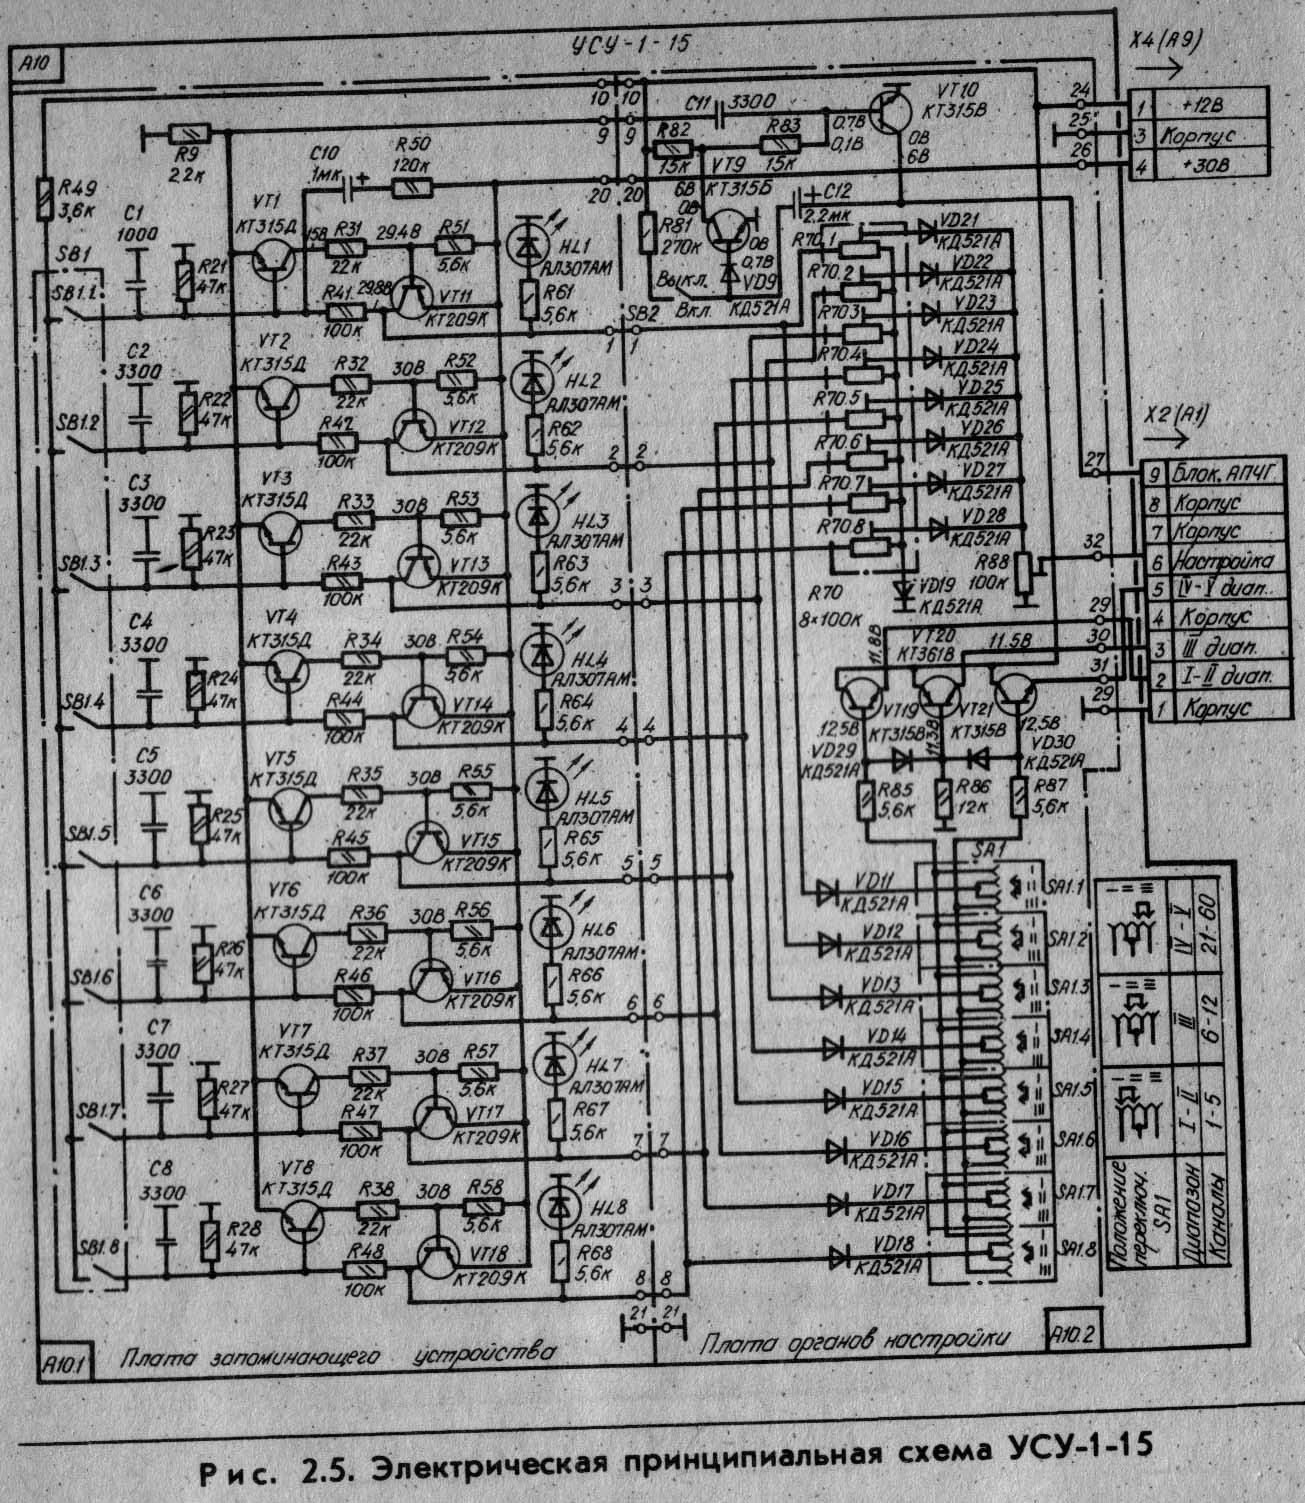 Принципиальная схема усу-1-15 схема